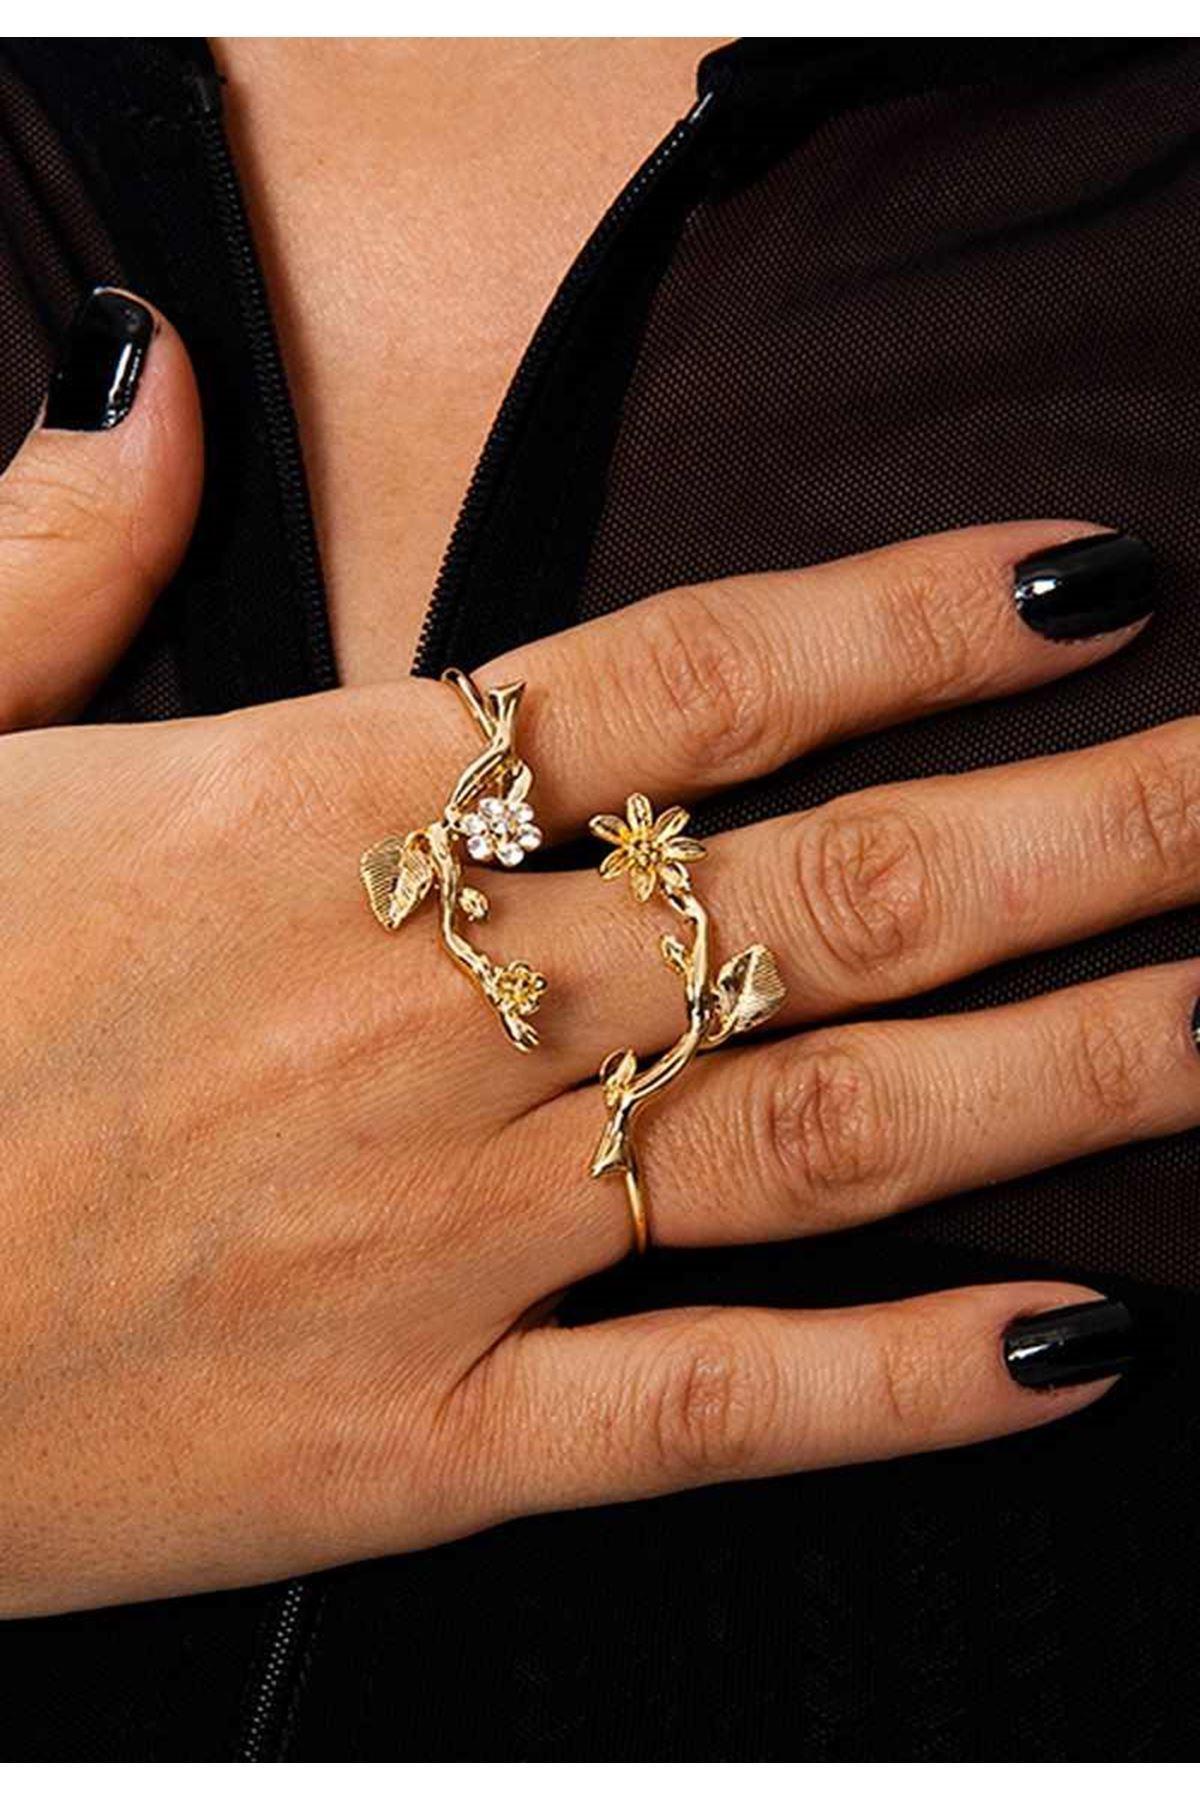 Gold Taşlı Çiçekli Yüzük 2Ç-109061